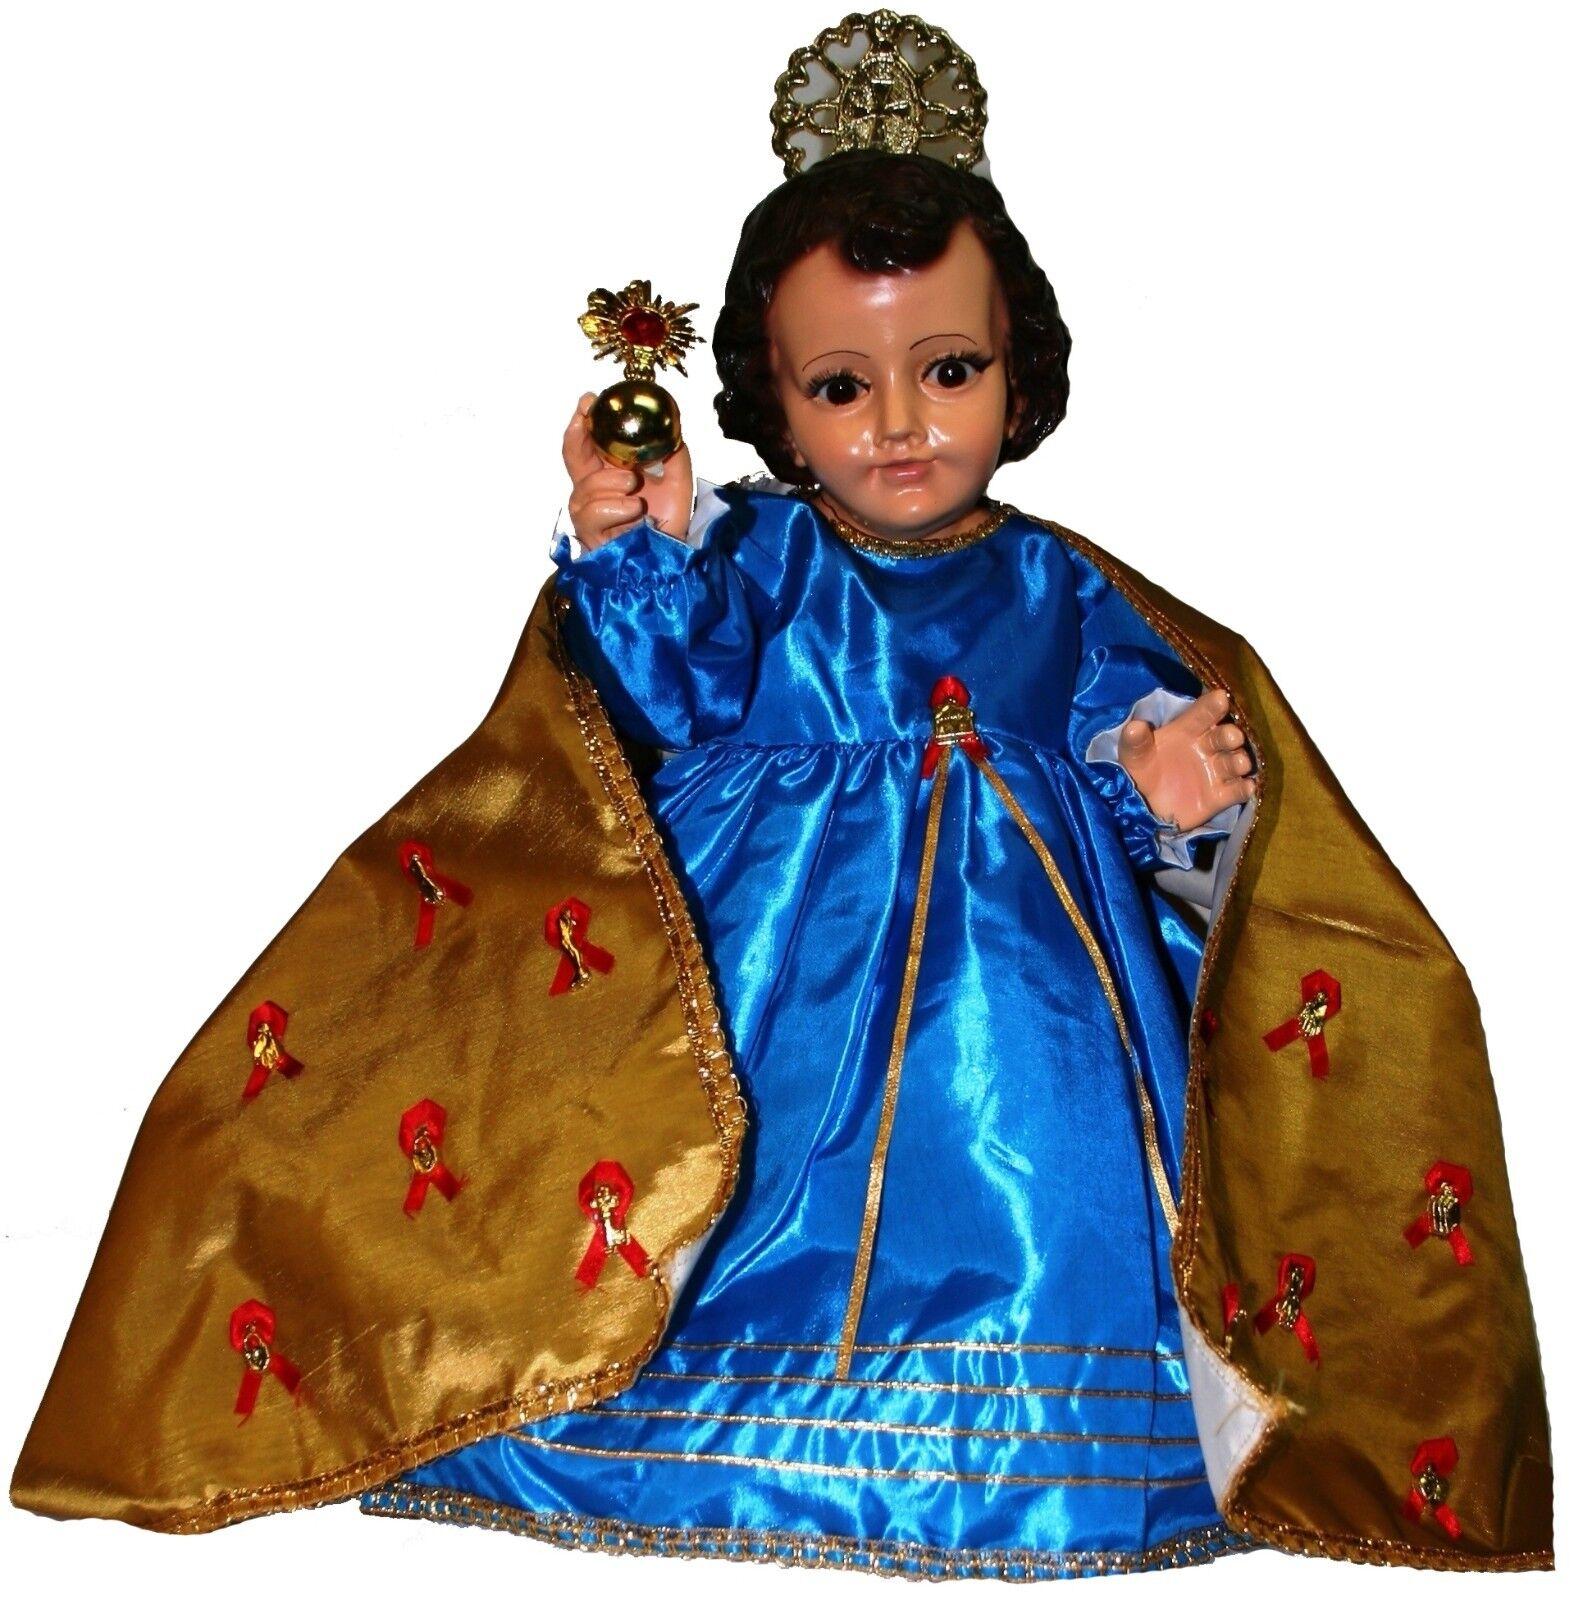 Nino De Los Milagros Vestido Nino Dios Ropa Nino Dios